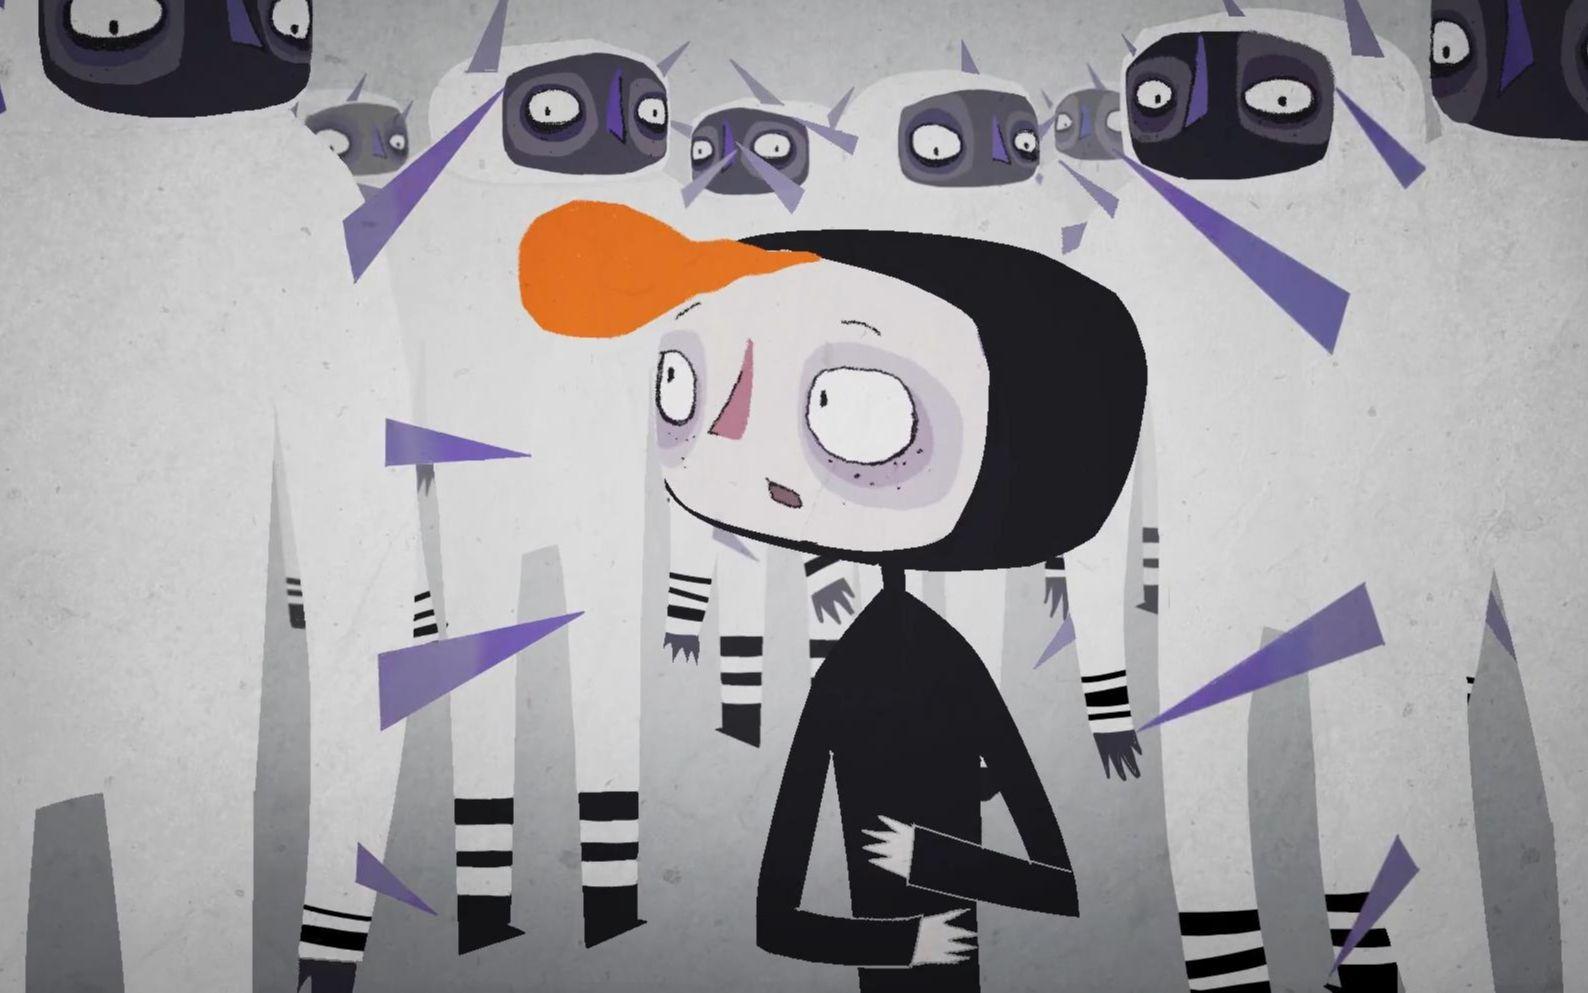 未来人类为抵御新冠感染,全身长满尖刺,没有刺的男孩成了异类